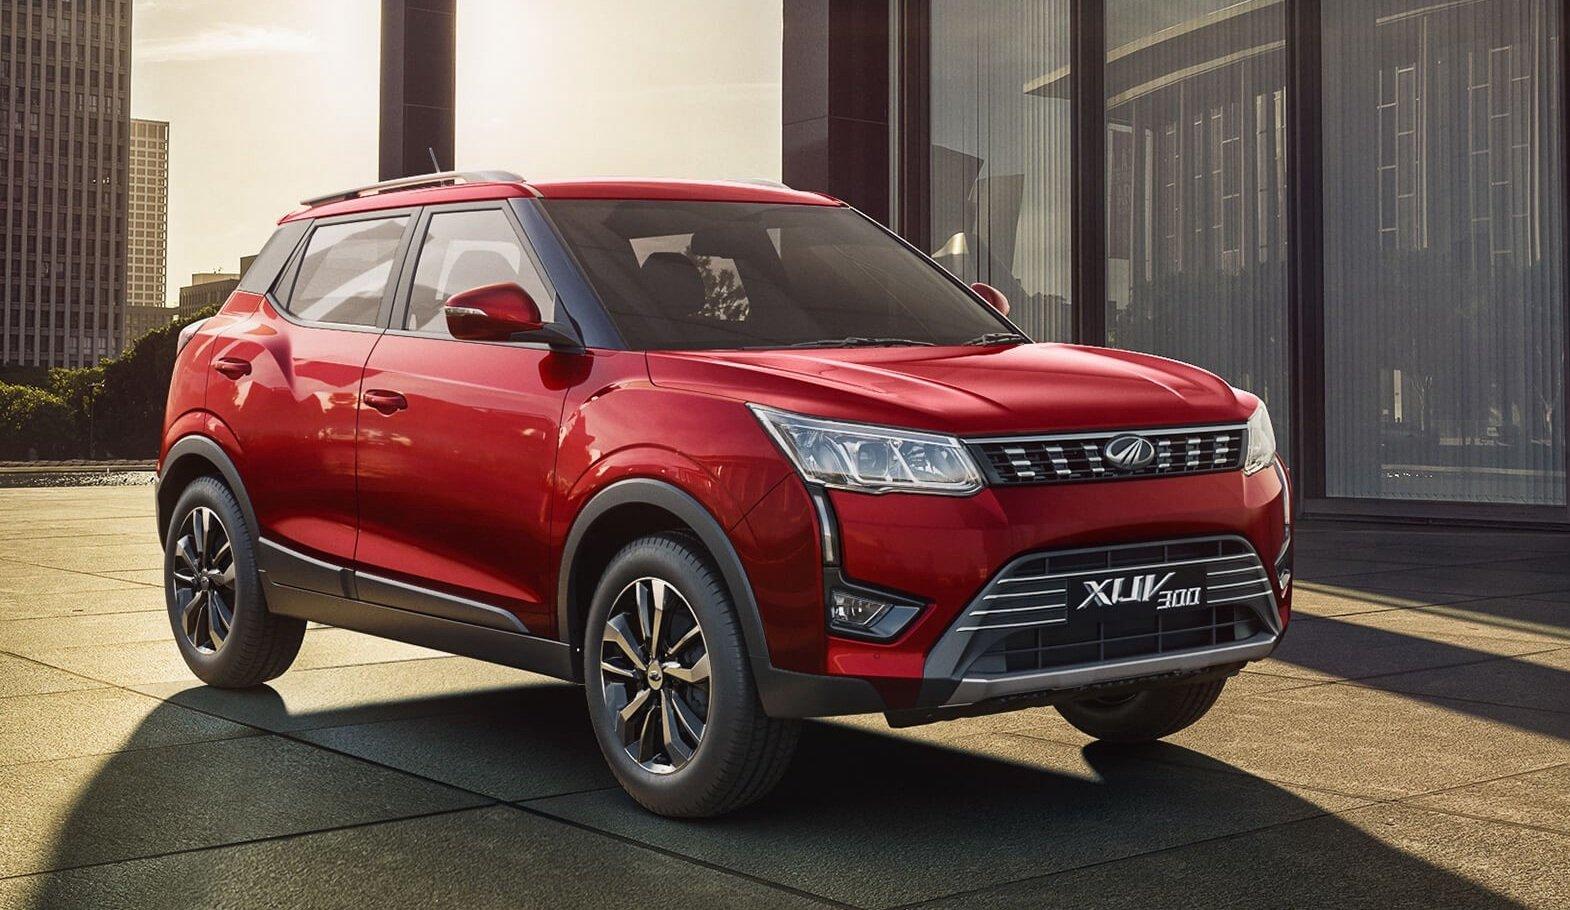 Mahindra XUV300 2019